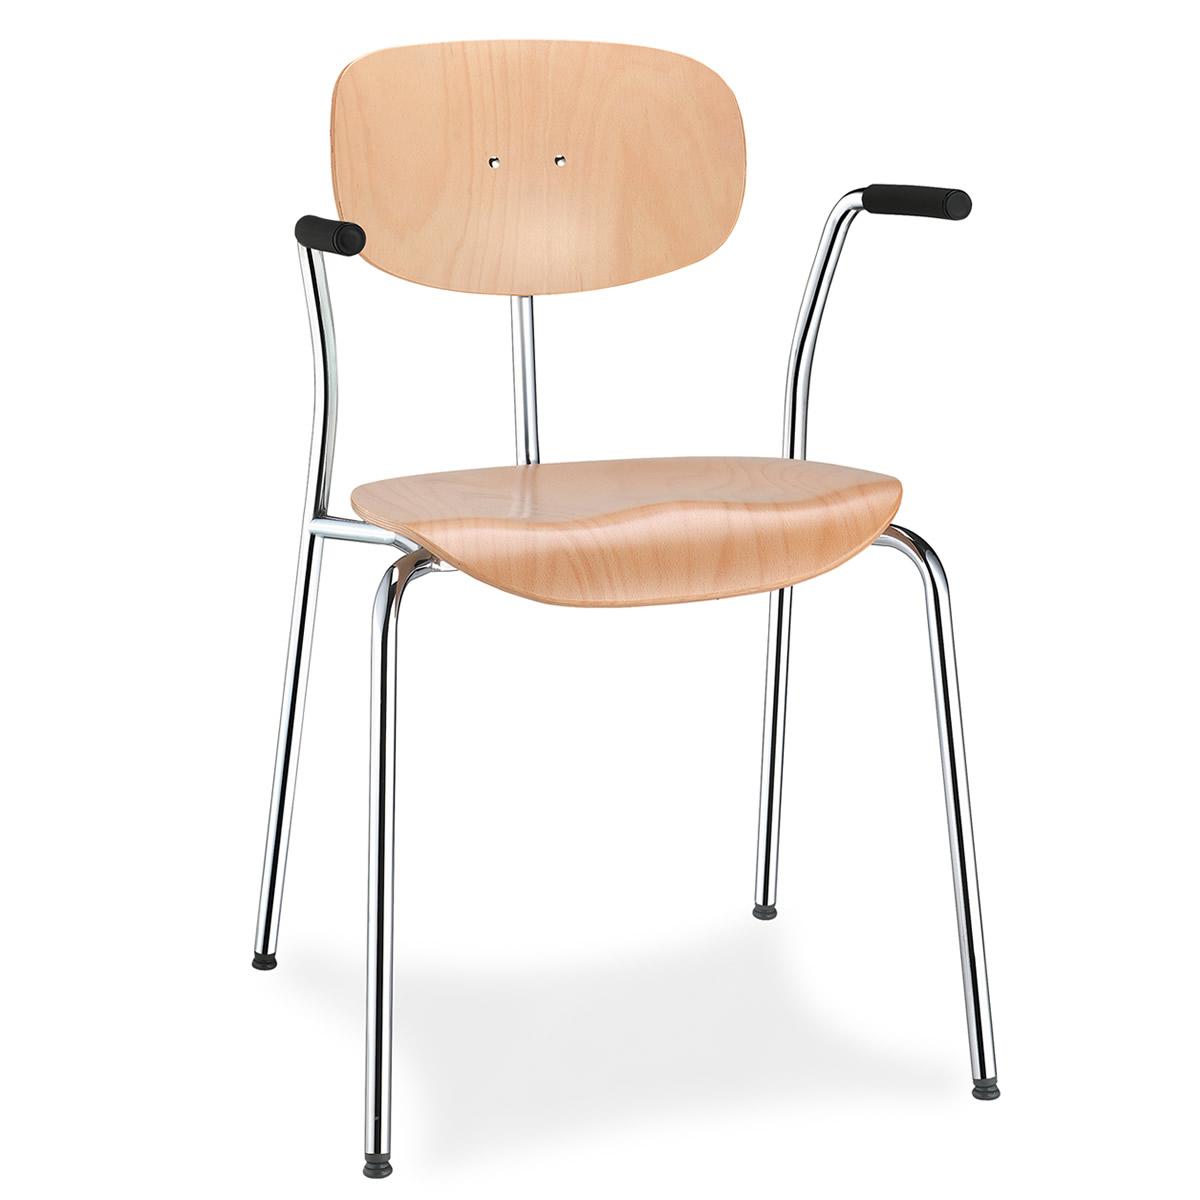 Braun st hle slim 7264 018 - Stuhlfabrik braun ...